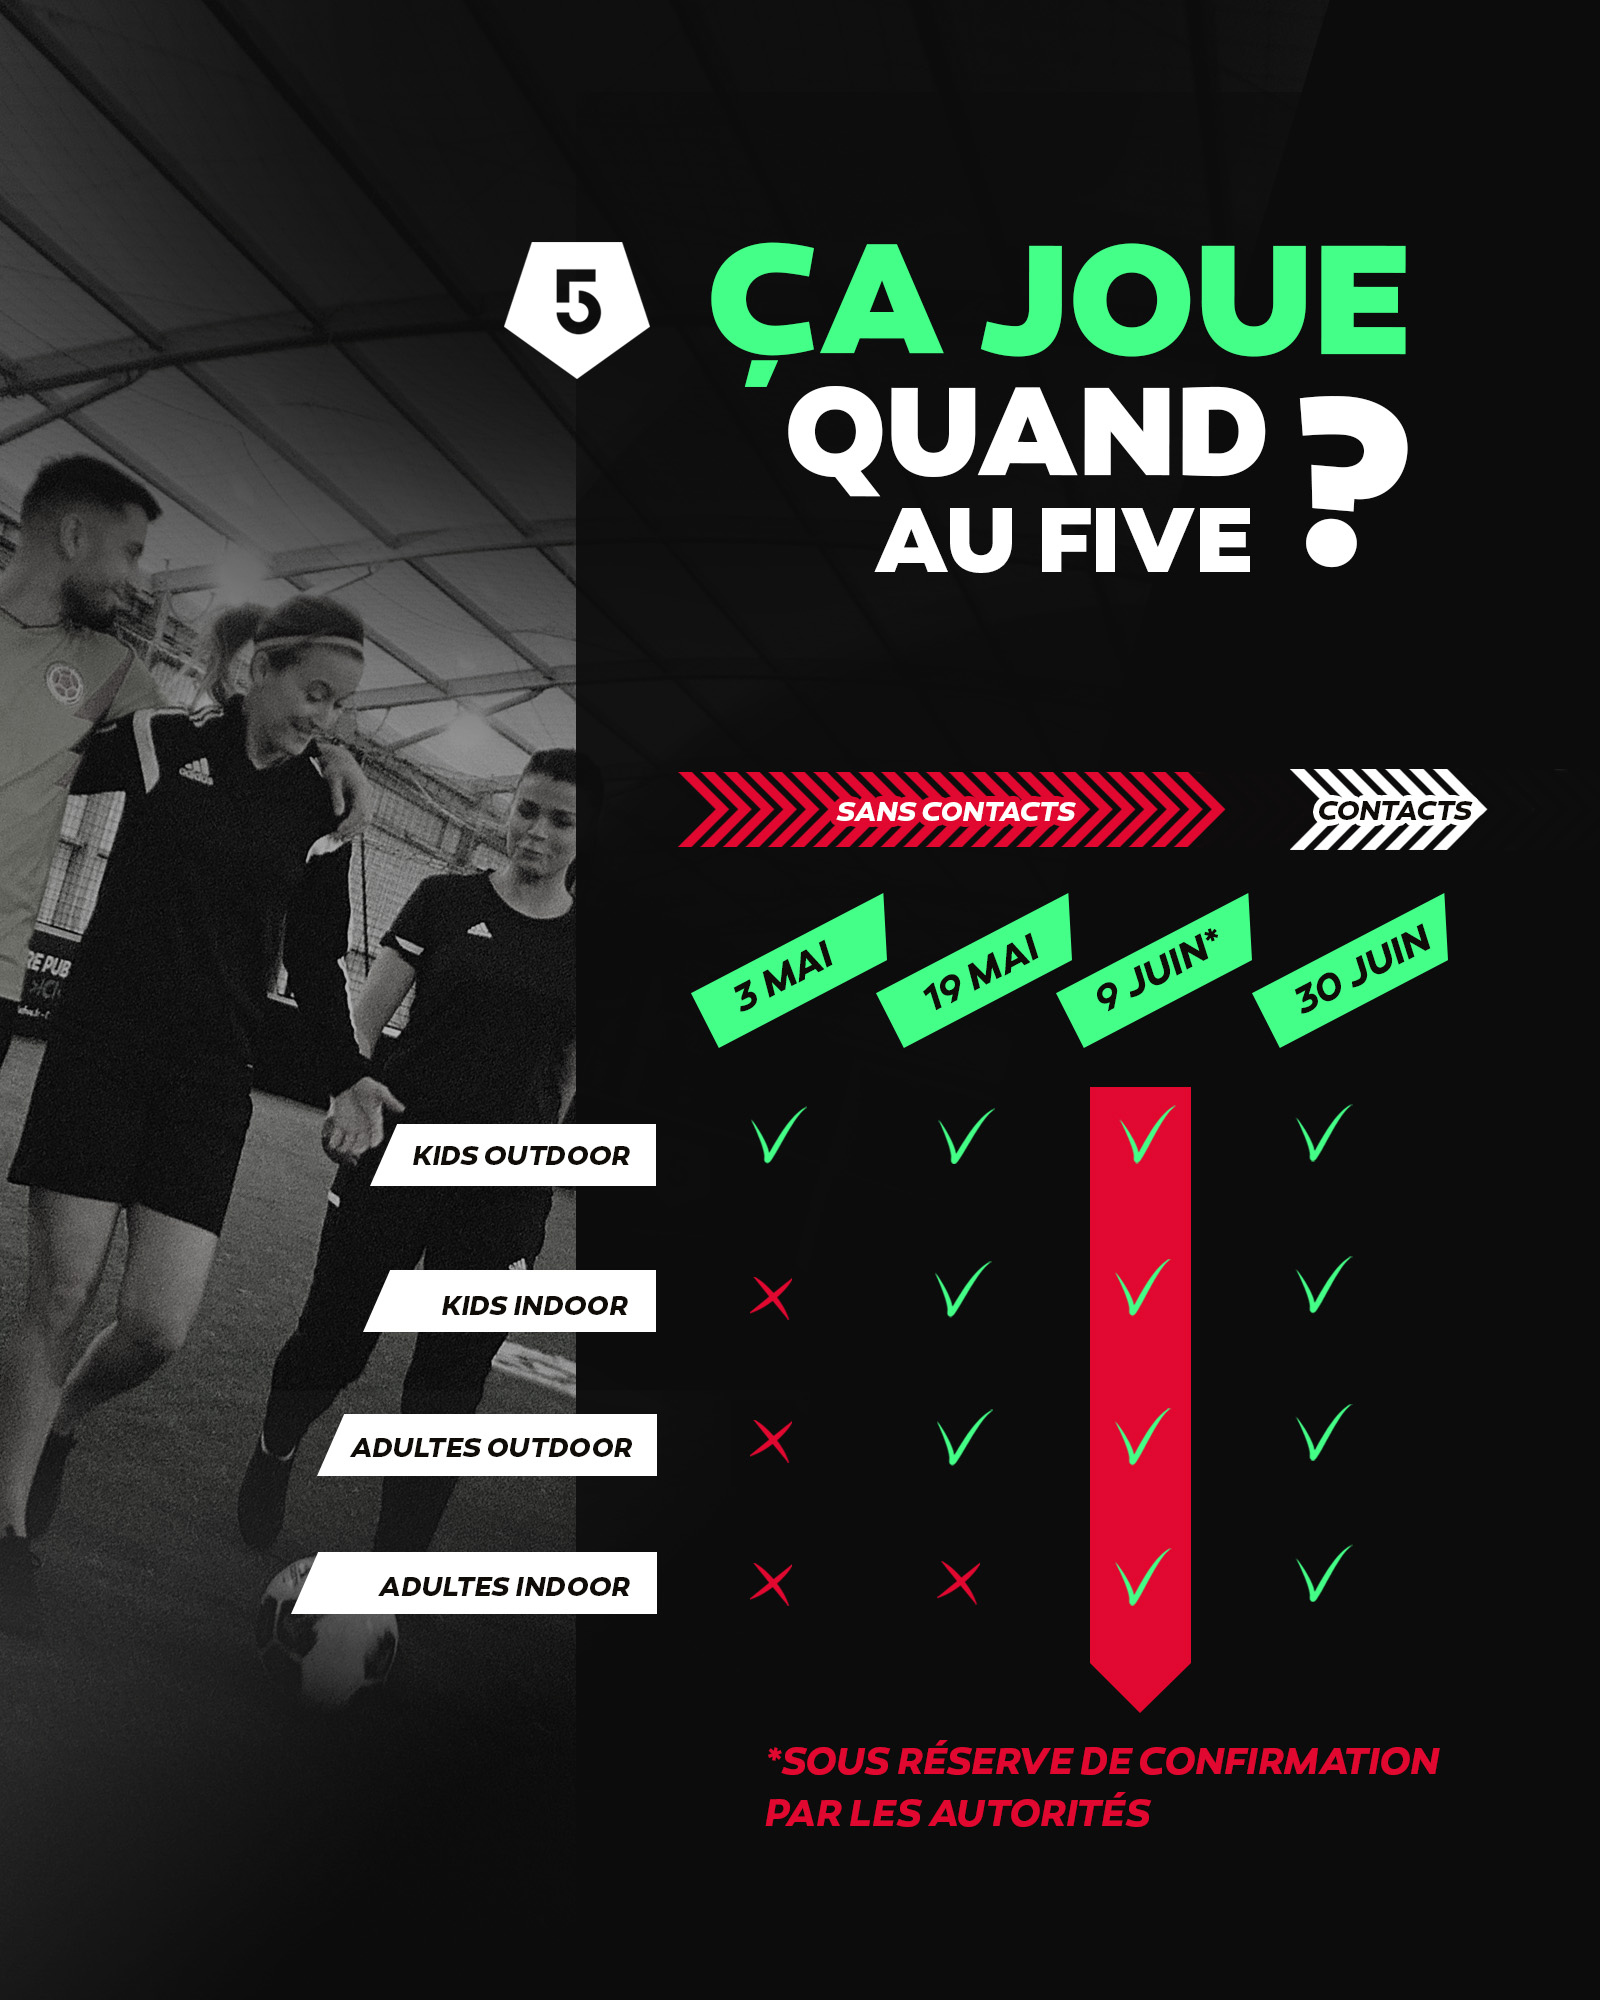 1 Lf Cajouequand 1600x2000